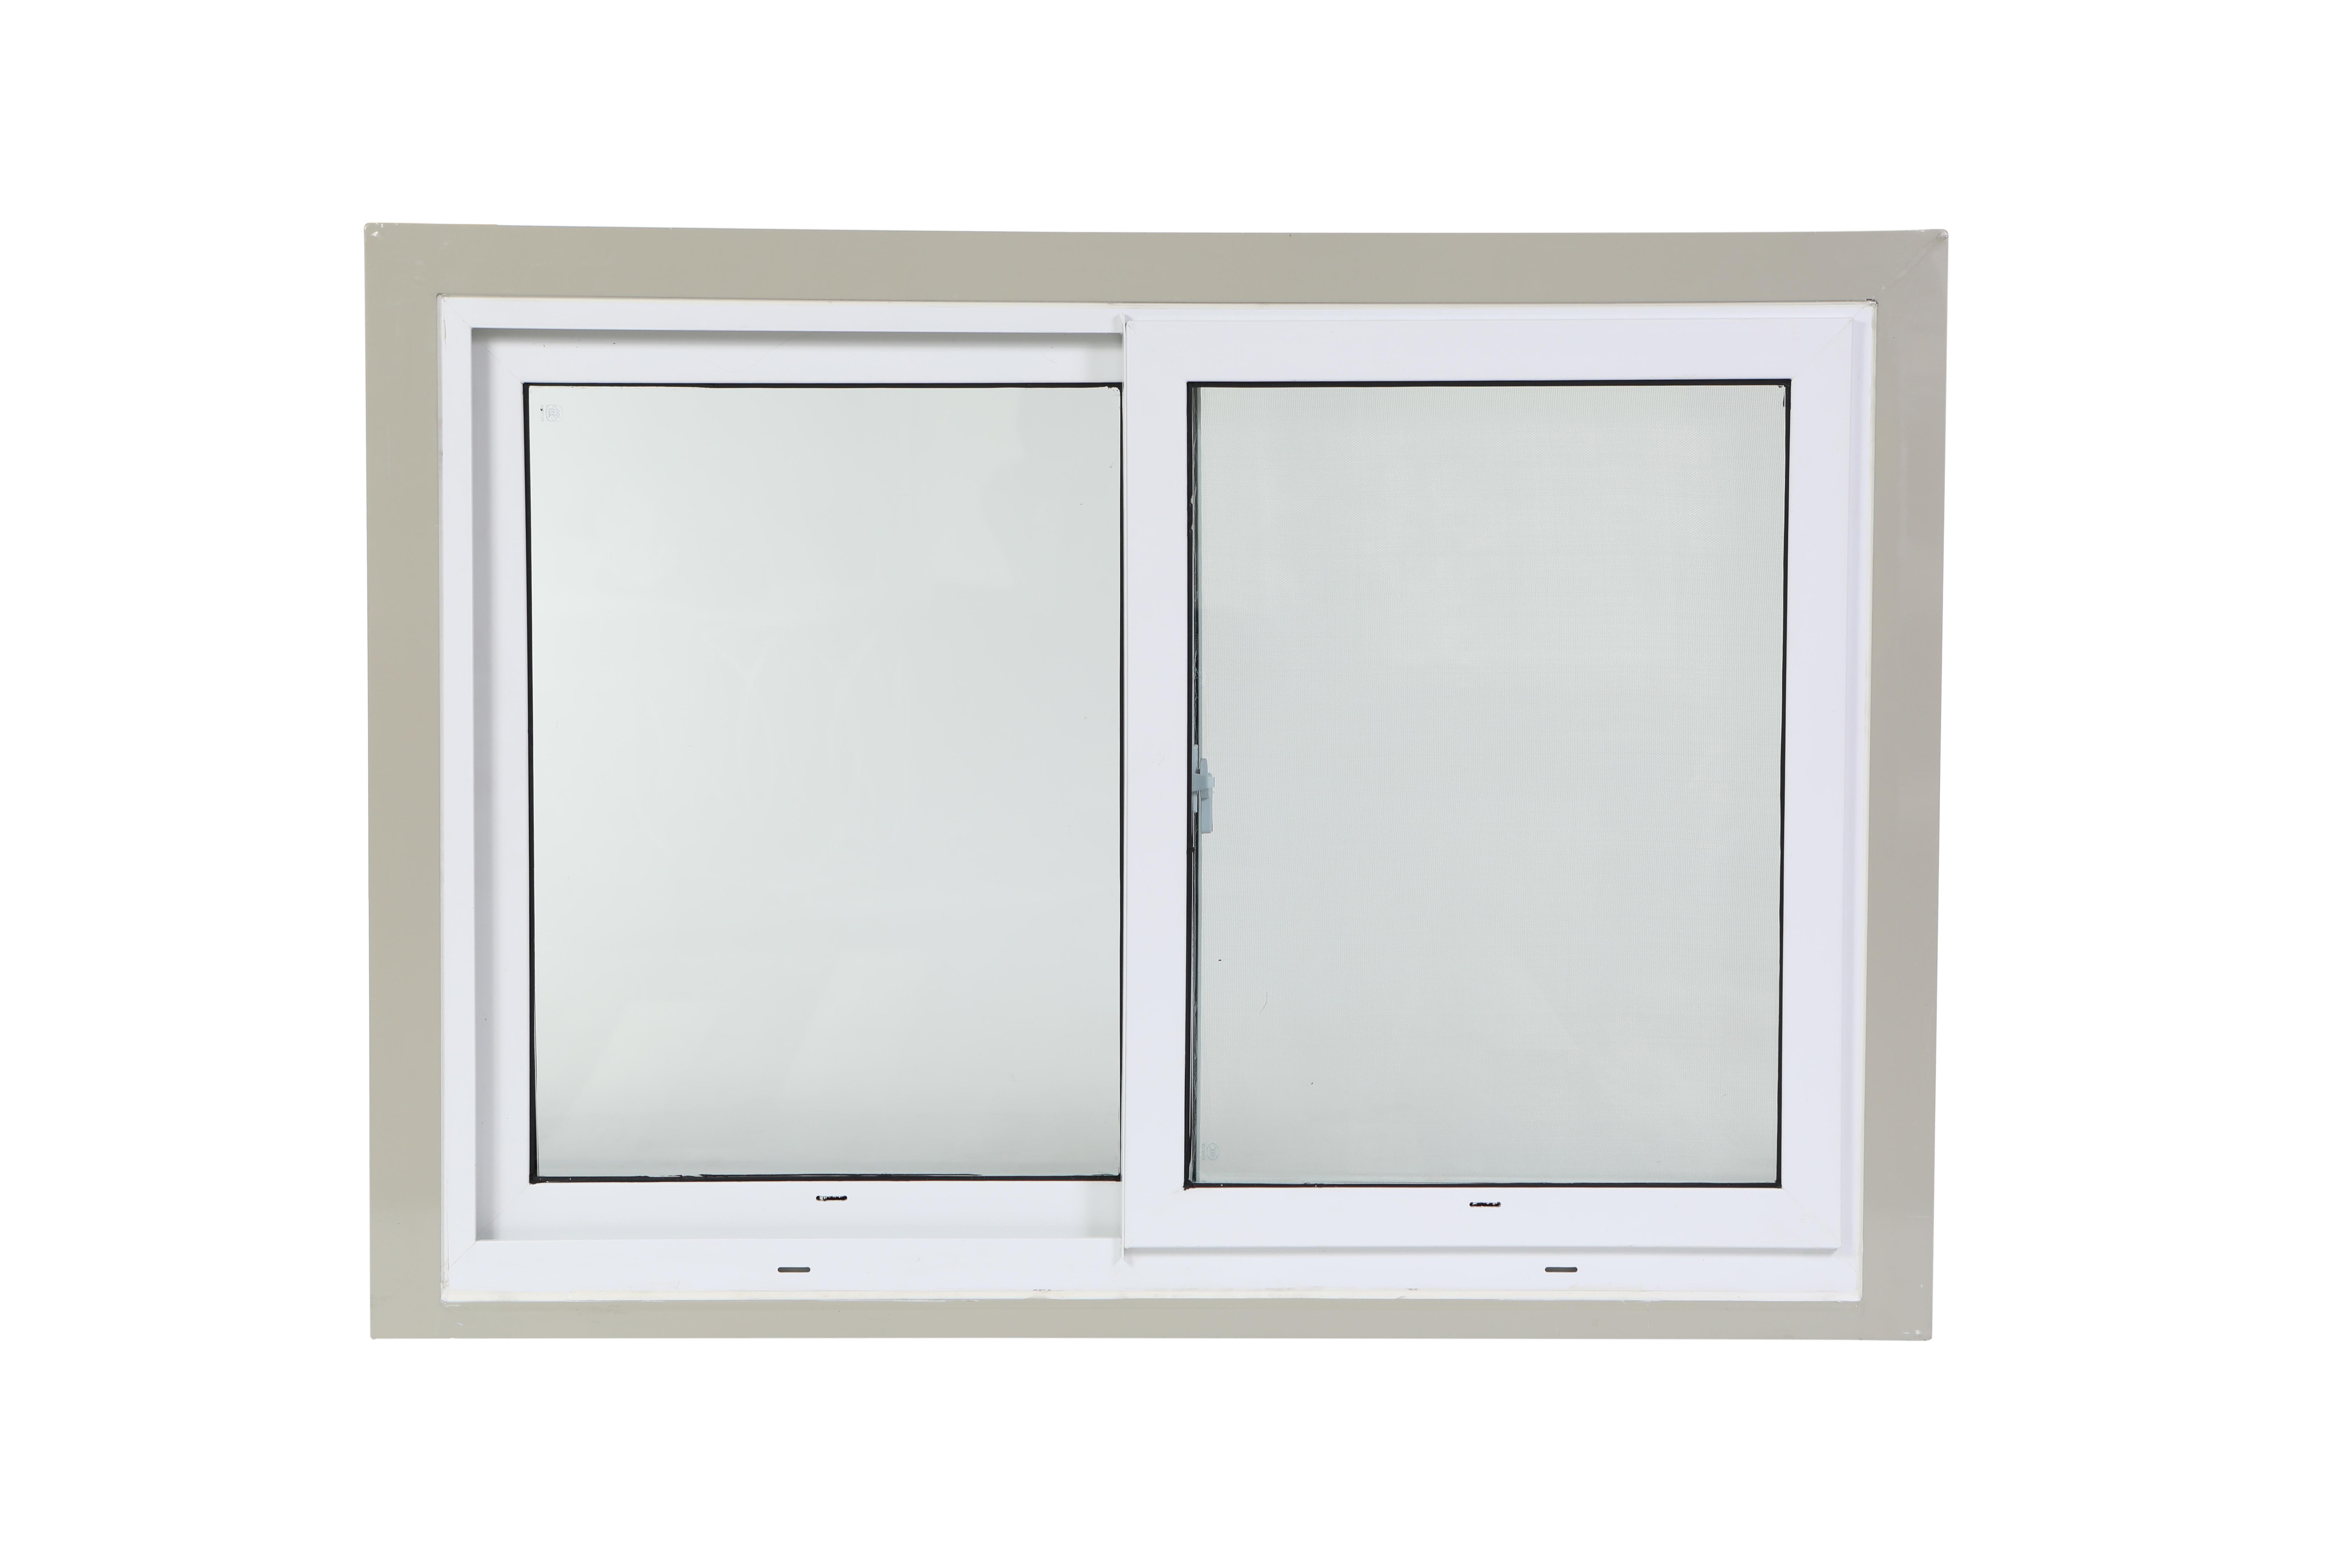 F2b.6066 INSTA 3'x4' Window